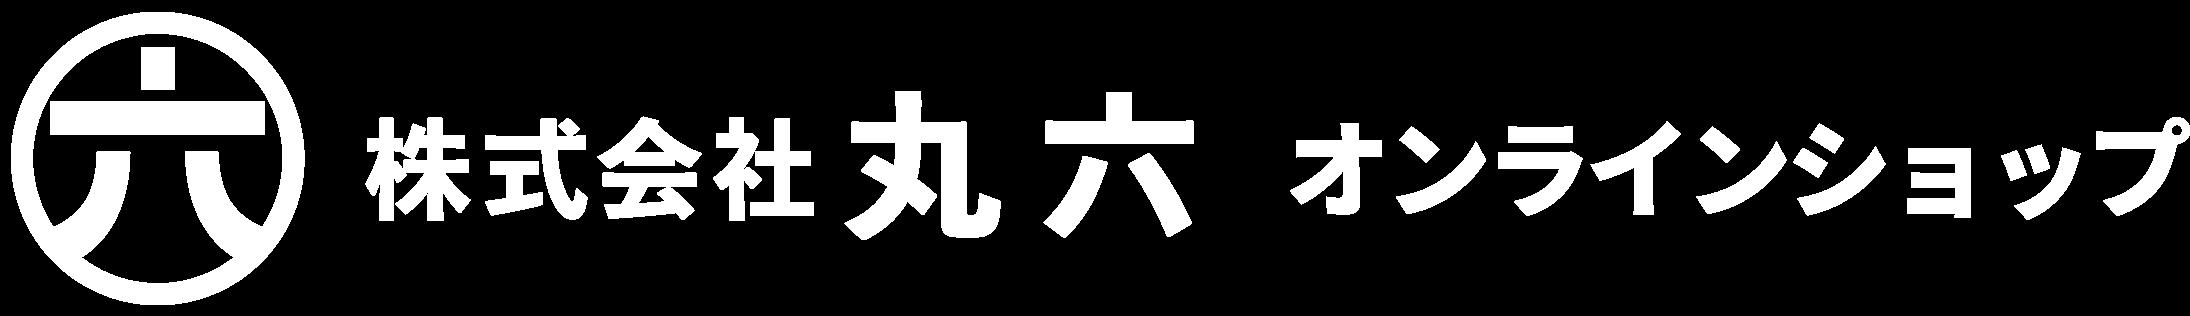 産地直送!千葉県 九十九里産 はまぐり・ながらみの通販なら「丸六オンラインショップ」